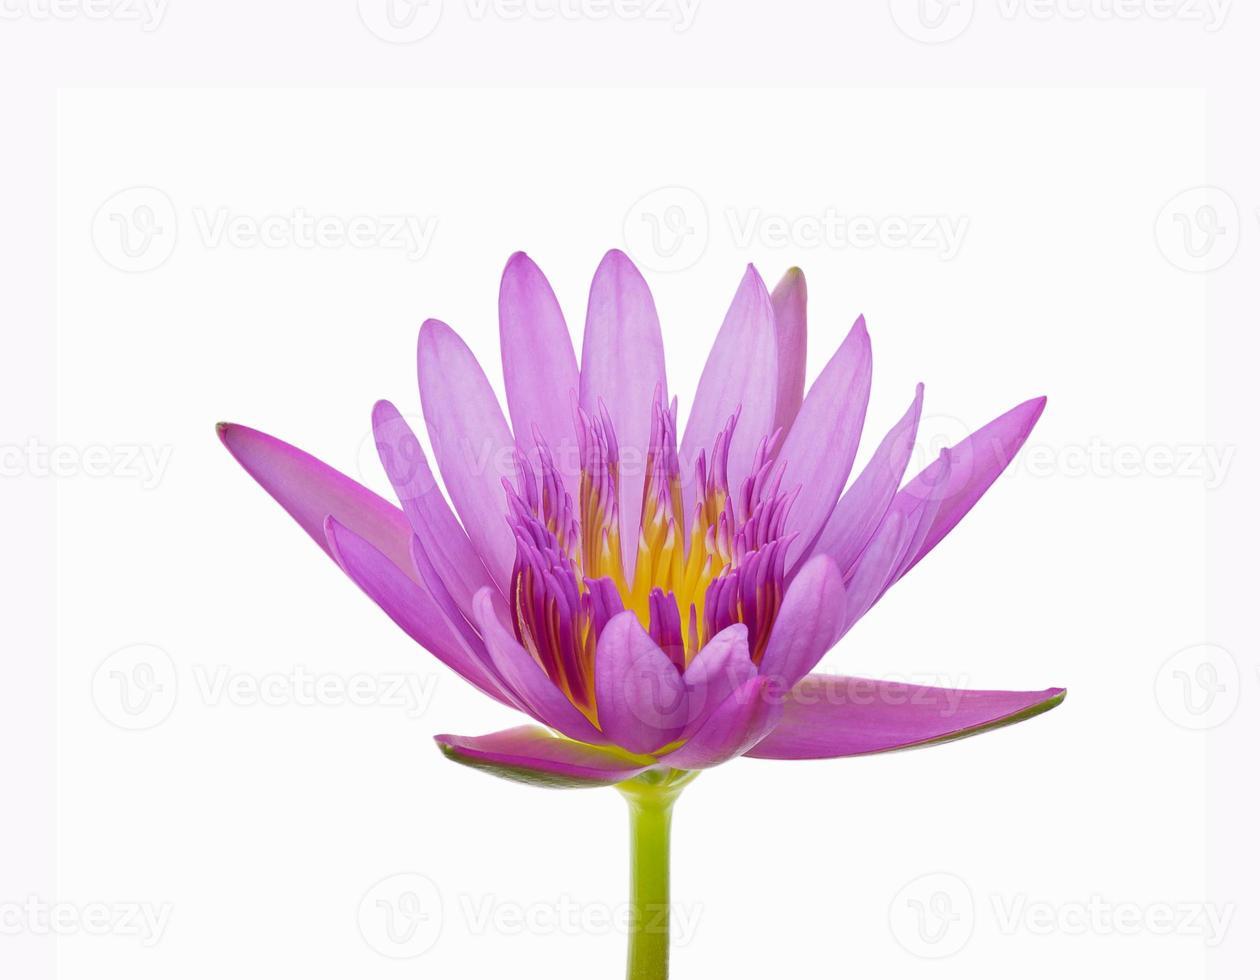 linda flor de nenúfar rosa ou flor de lótus isolada em fundo branco foto